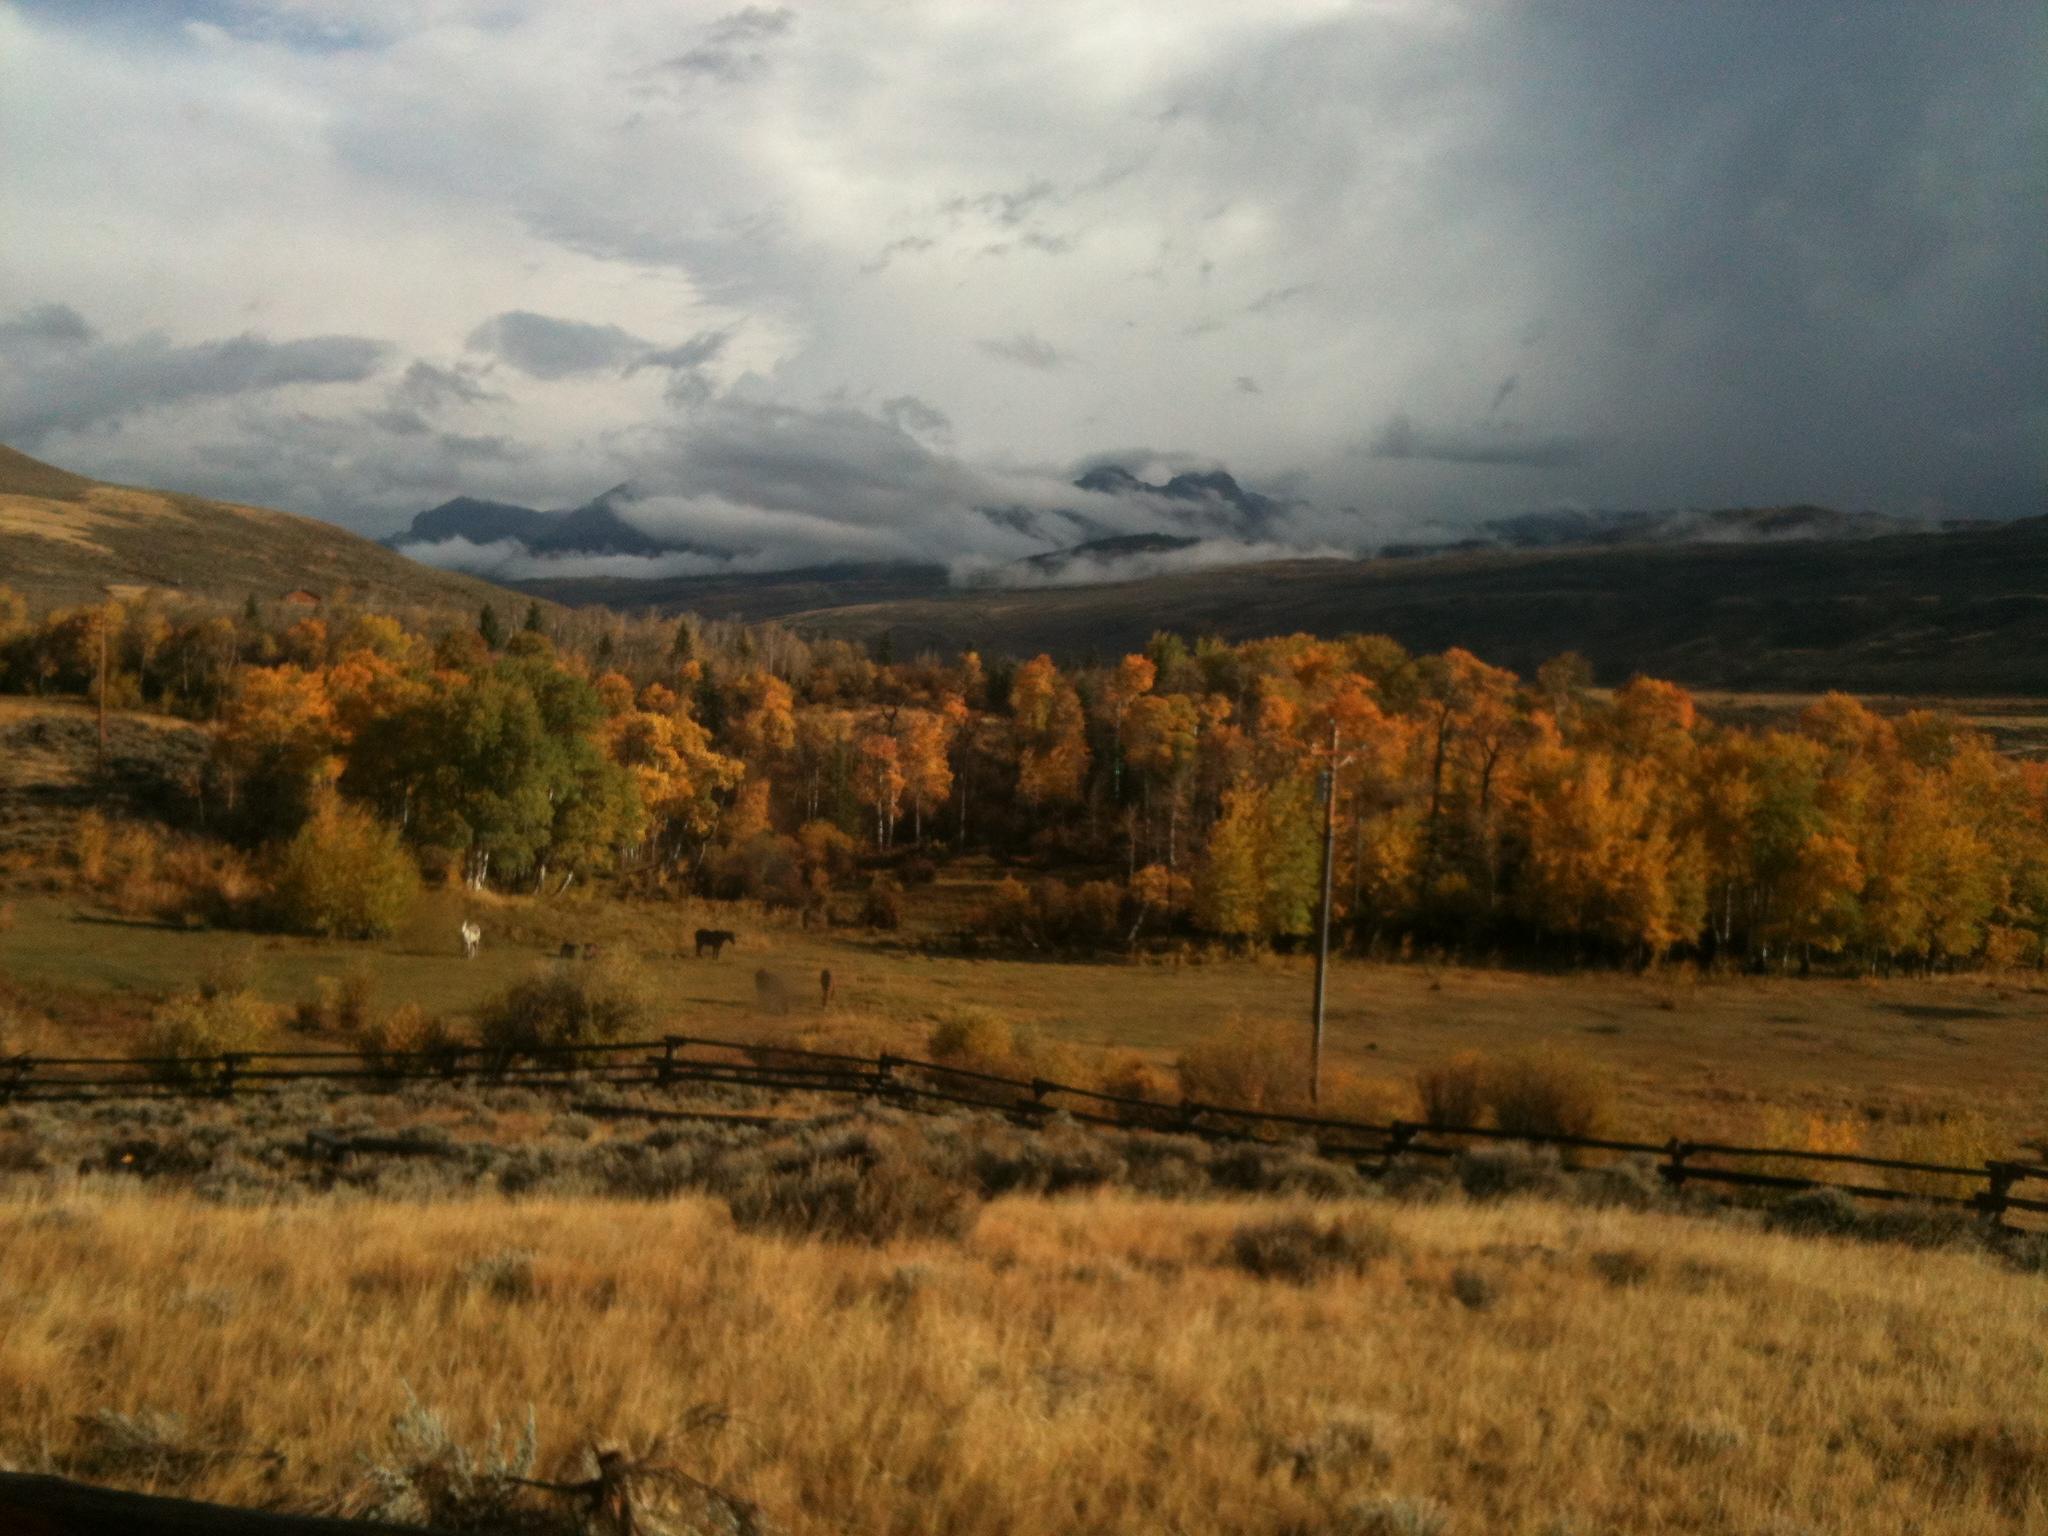 AutumnClouds